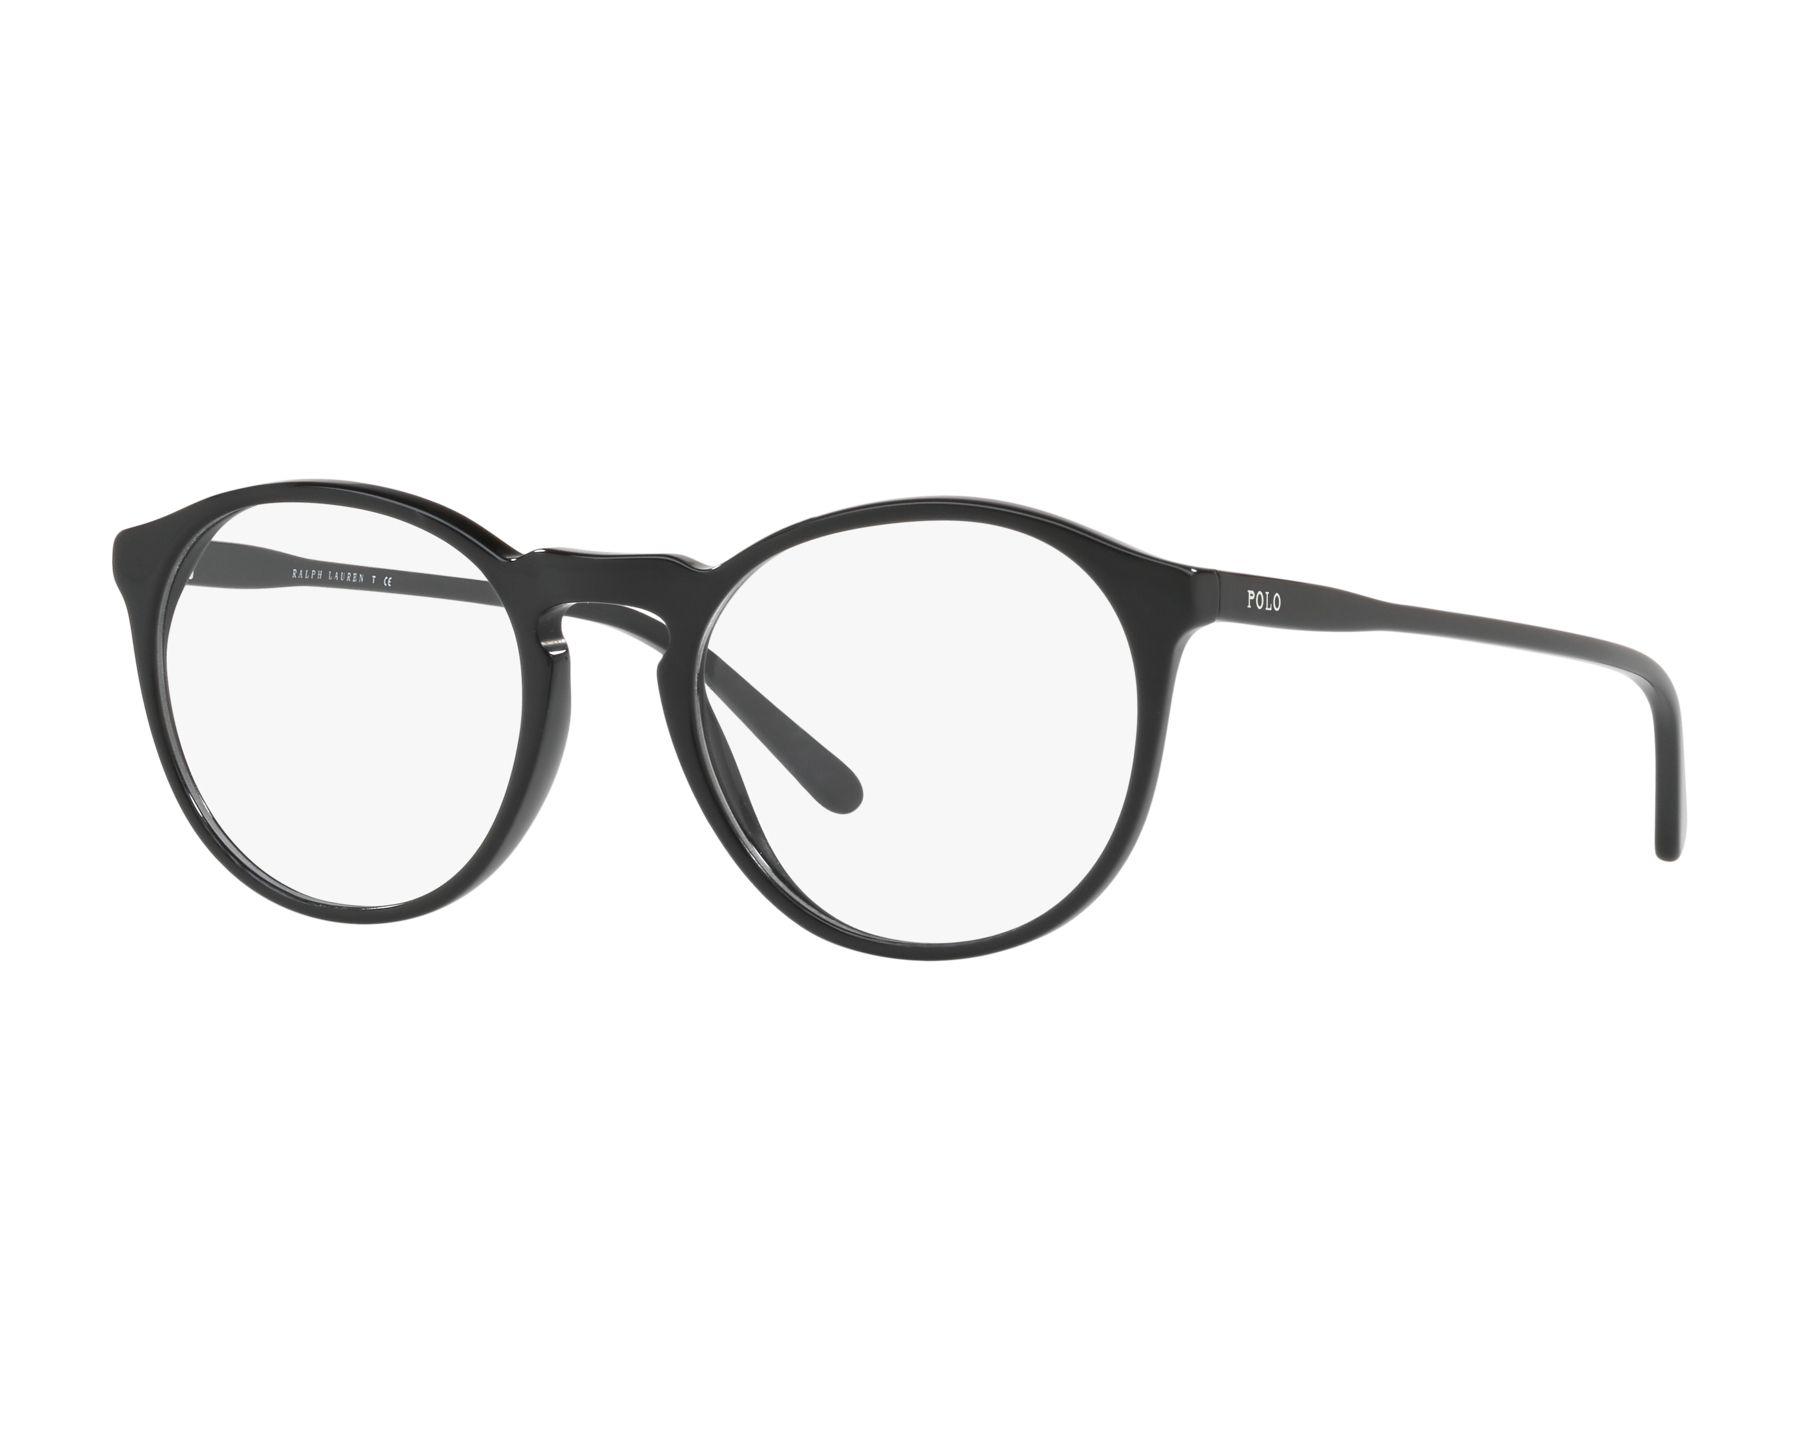 d8ce952421 eyeglasses Polo Ralph Lauren PH-2180 5001 50-20 Black